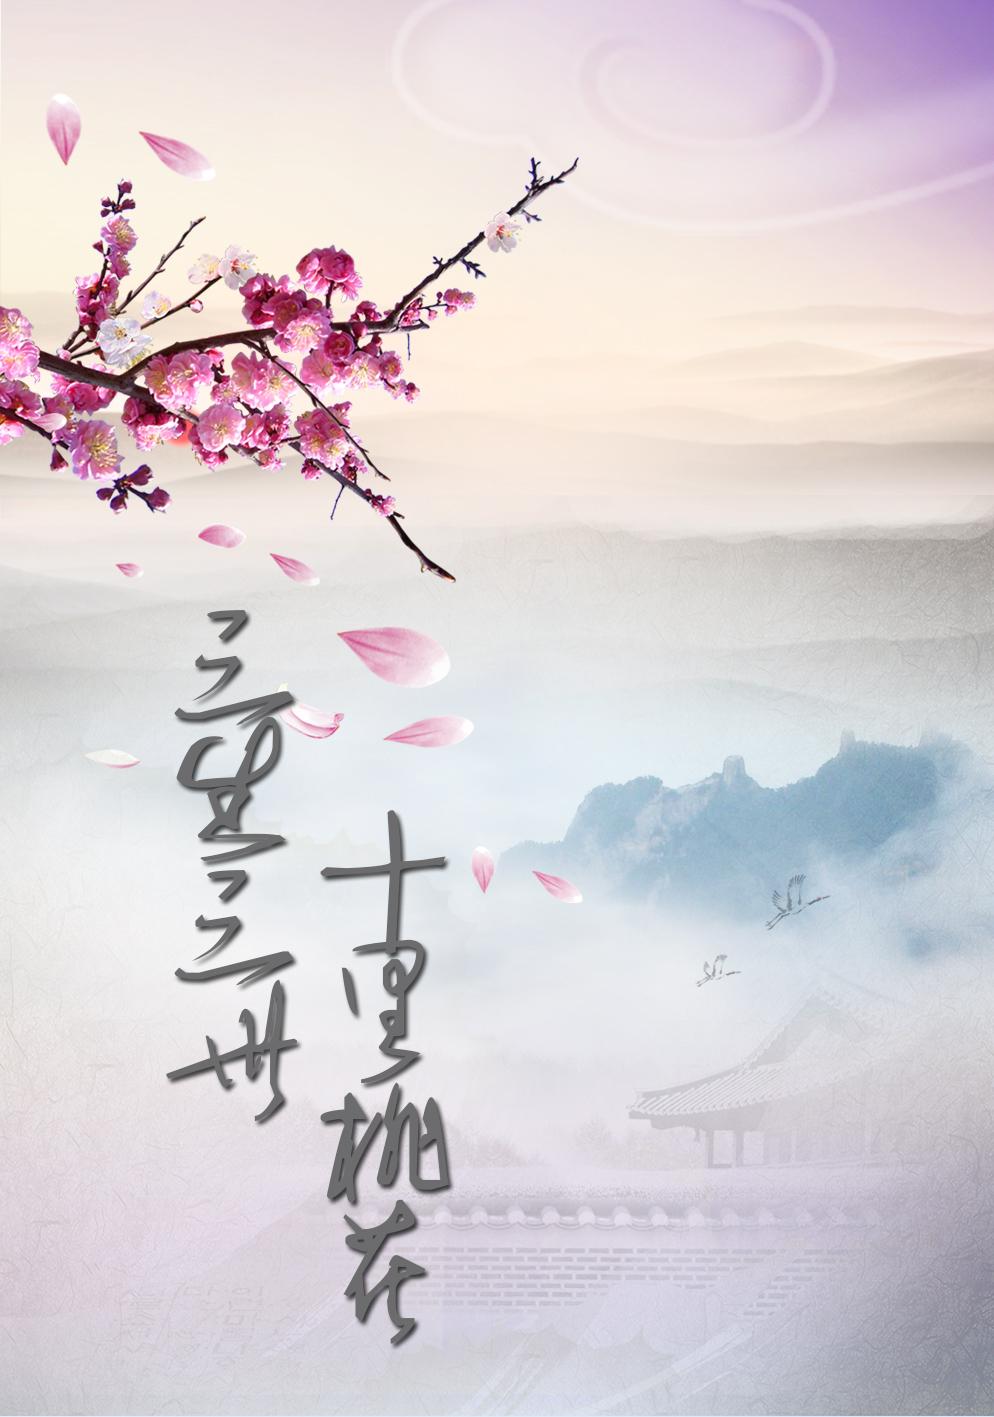 专辑: 三生三世十里桃花 语言:国语 流派:pop 流行 发行公司:看见音